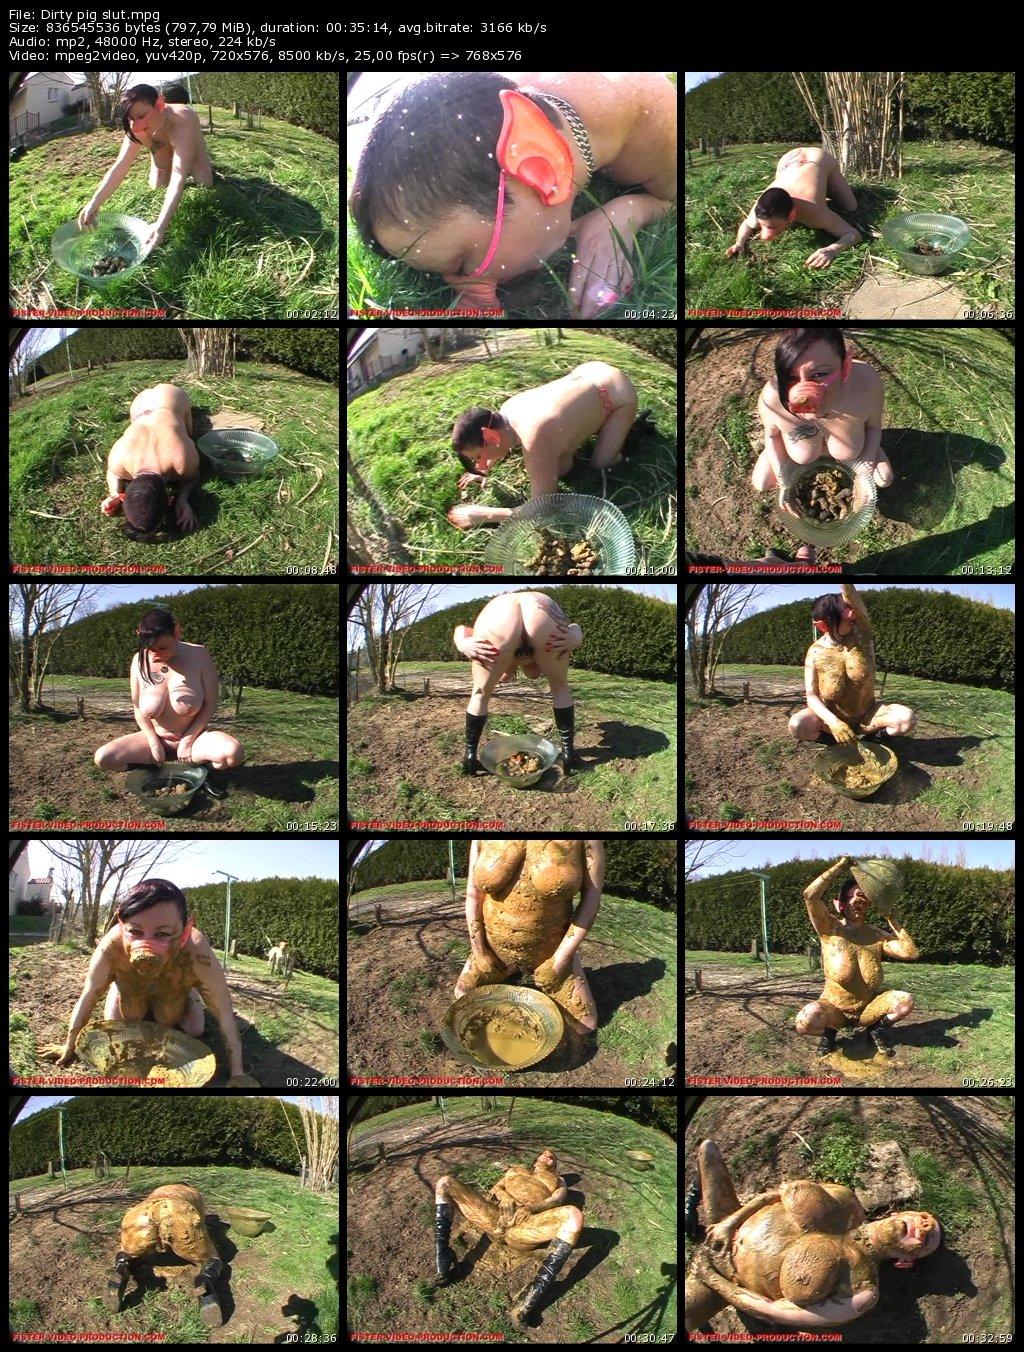 Fister Video Production - Dirty Pig Slut (Chienne Mary dans Sale cochonne )